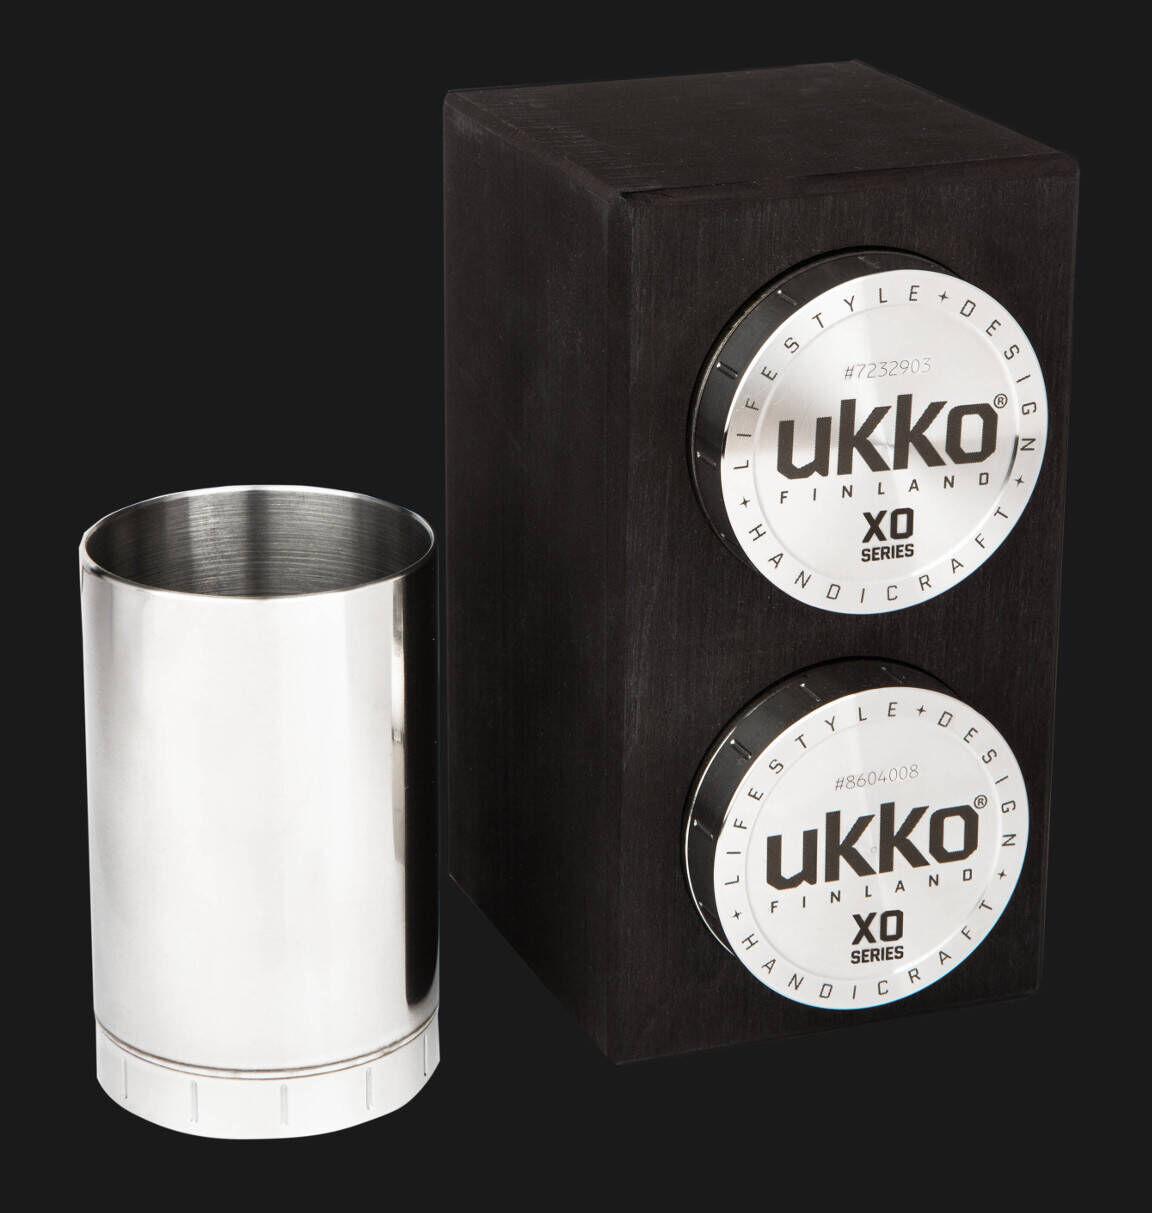 Ukko Schnapps Whisky 2 XO (50112)